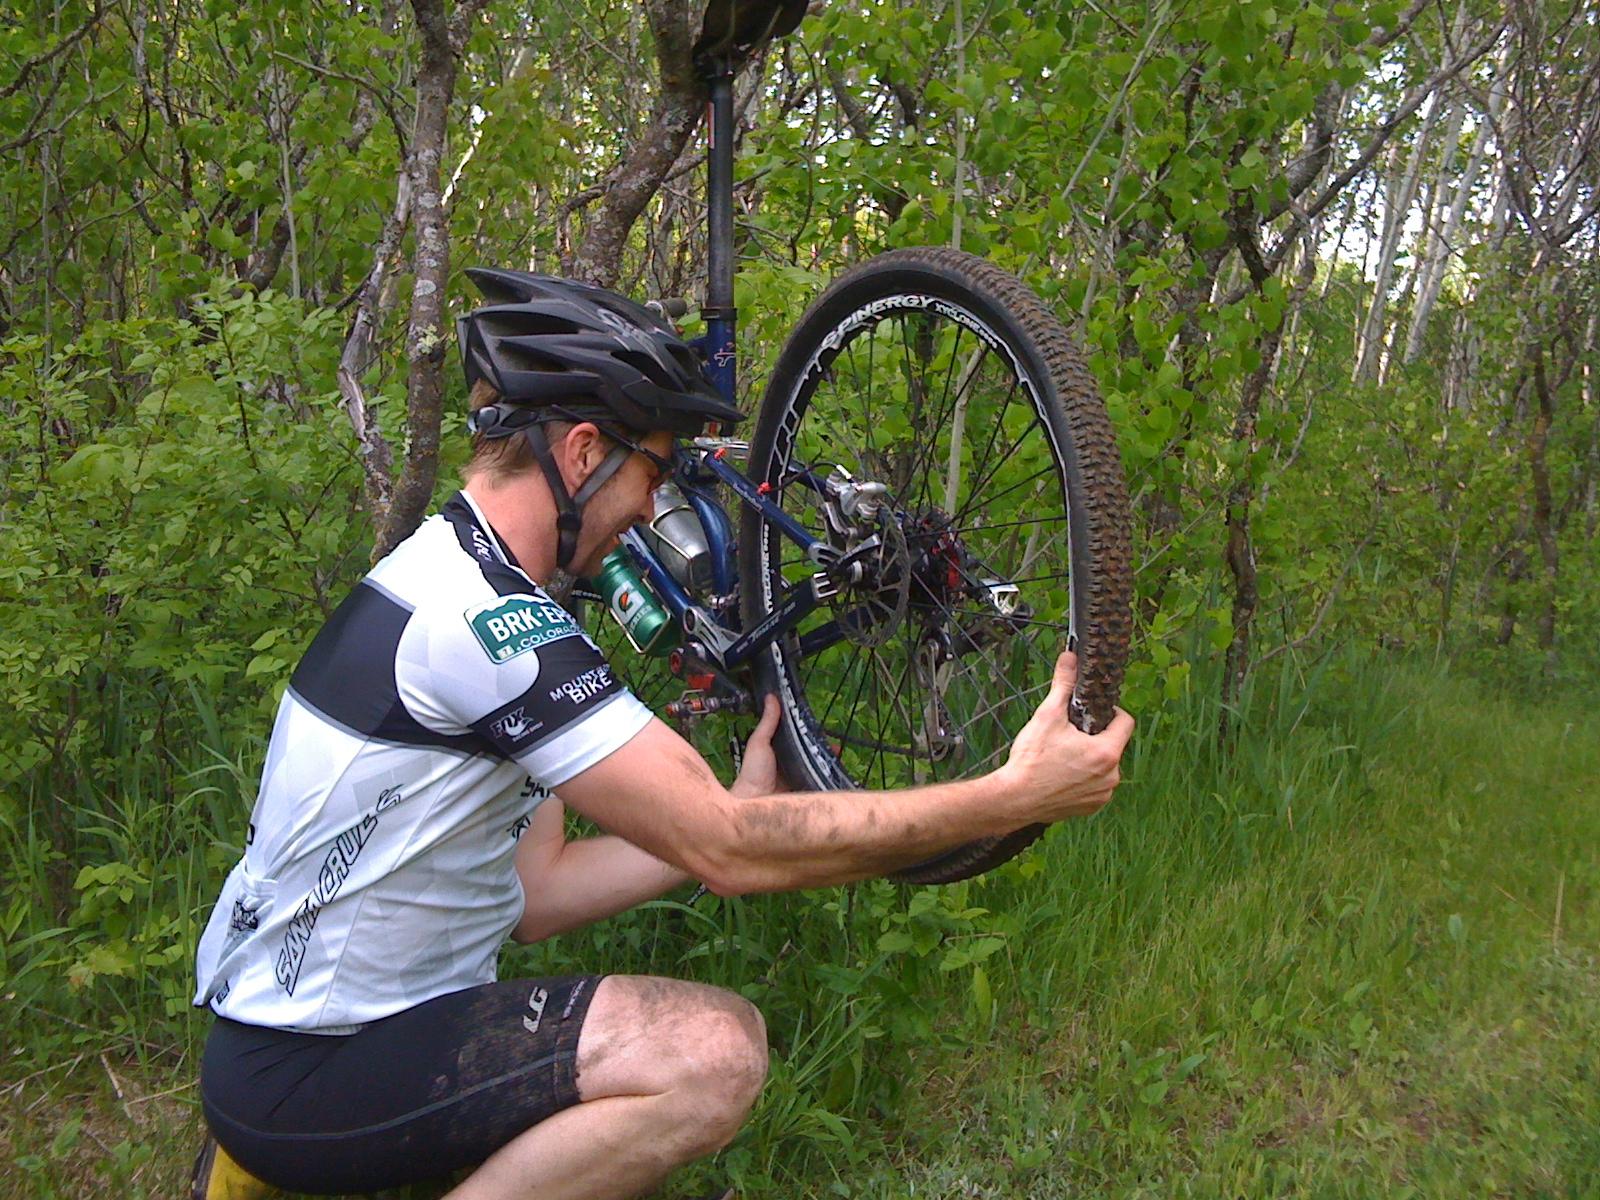 Cyclova Xc Bike Tech Bike Repair Stand Trail Side Style